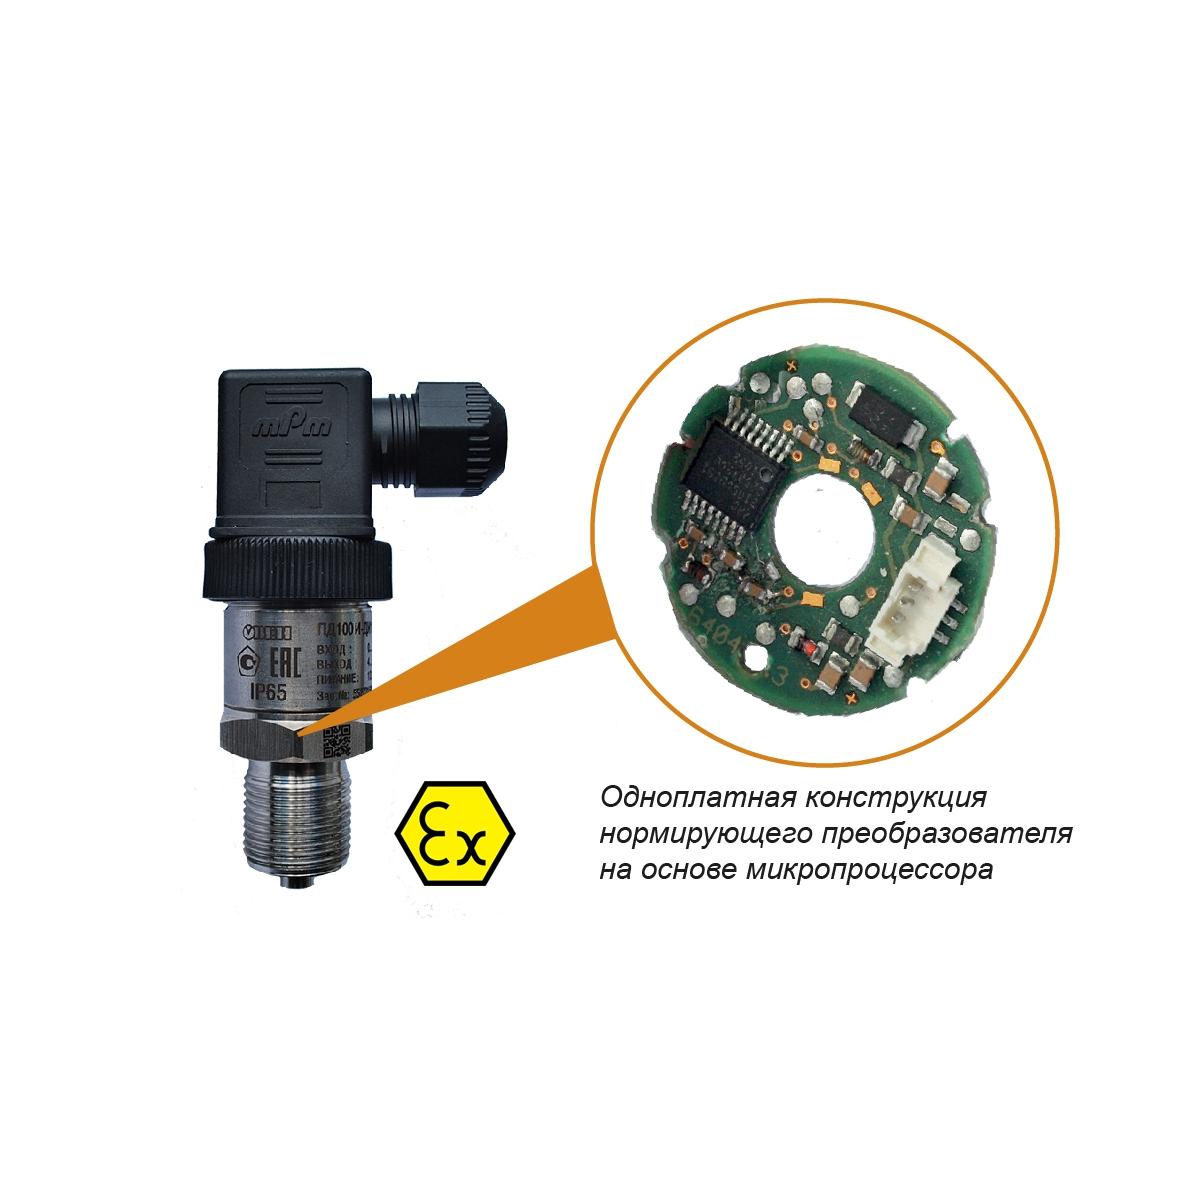 Датчик искробезопасный для категорированных производств ОВЕН ПД100И-ДВ0,06-111-0,5-Exi